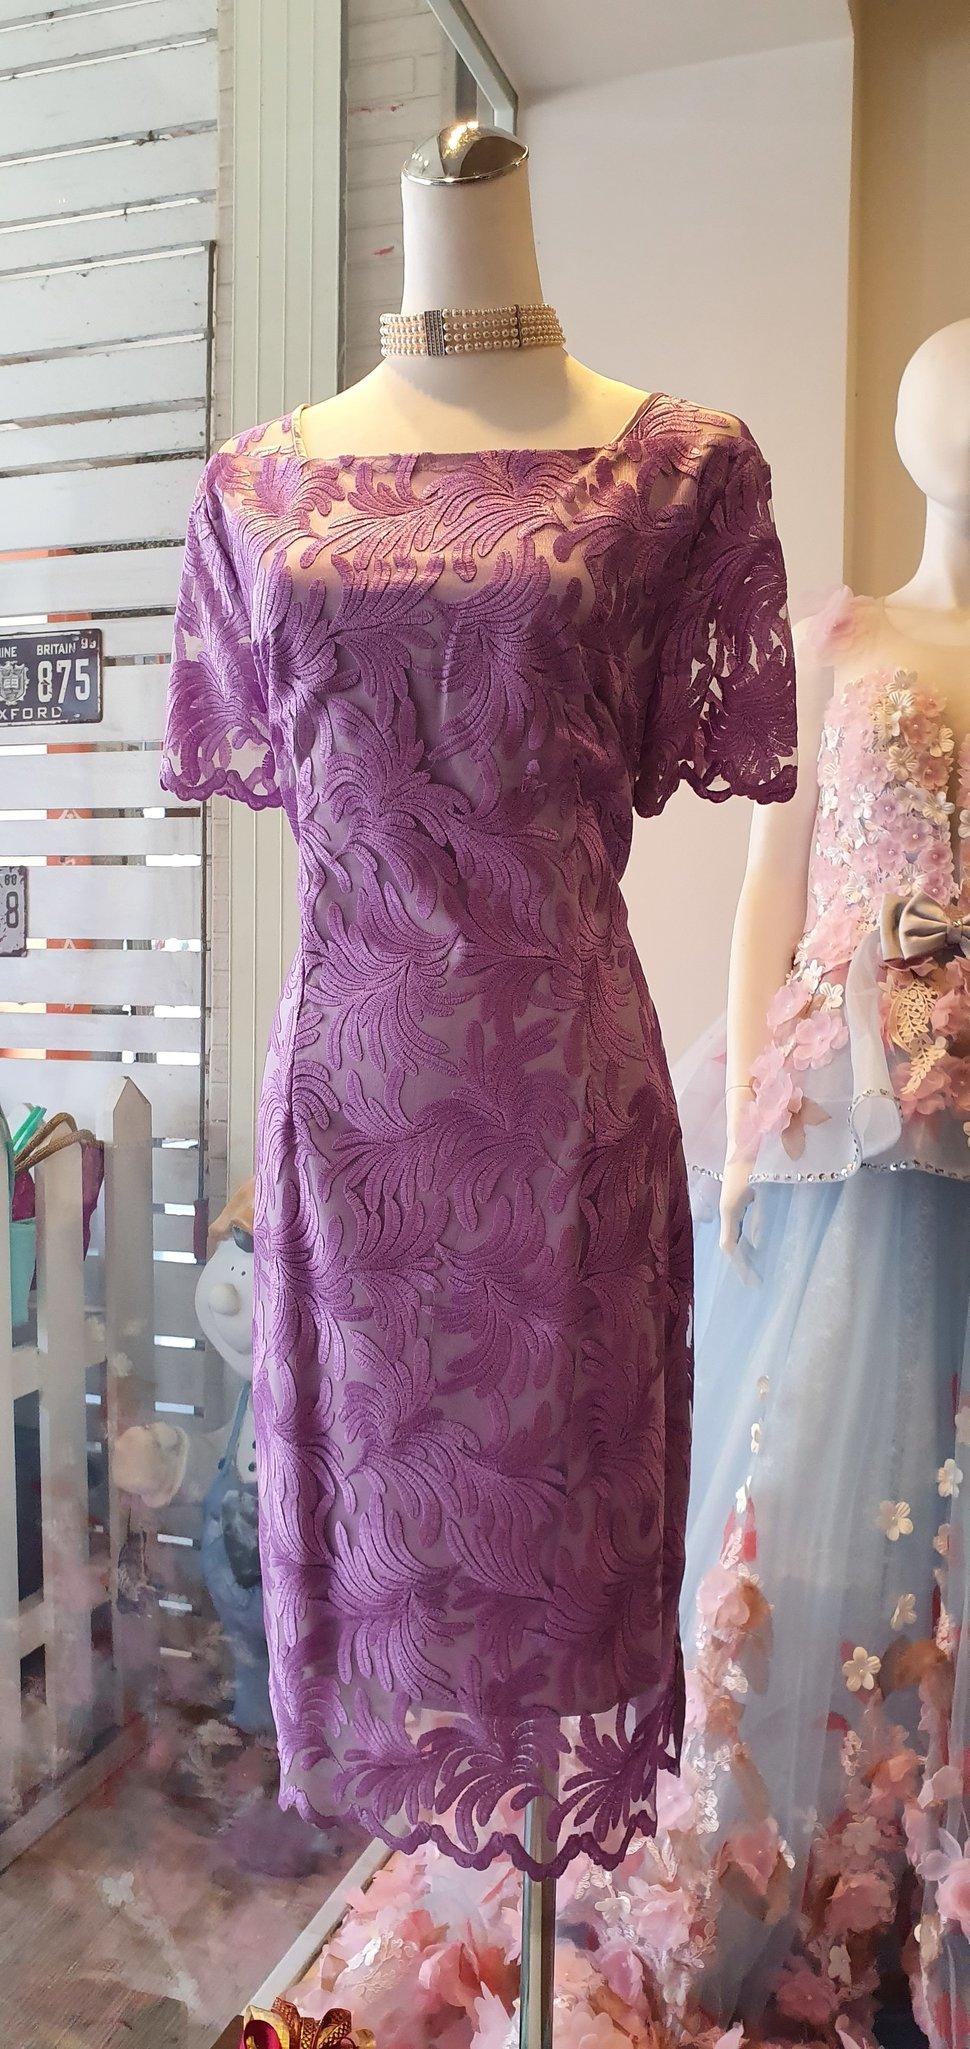 20200212_100305 - 全台最便宜-45DESIGN四五婚紗禮服《結婚吧》